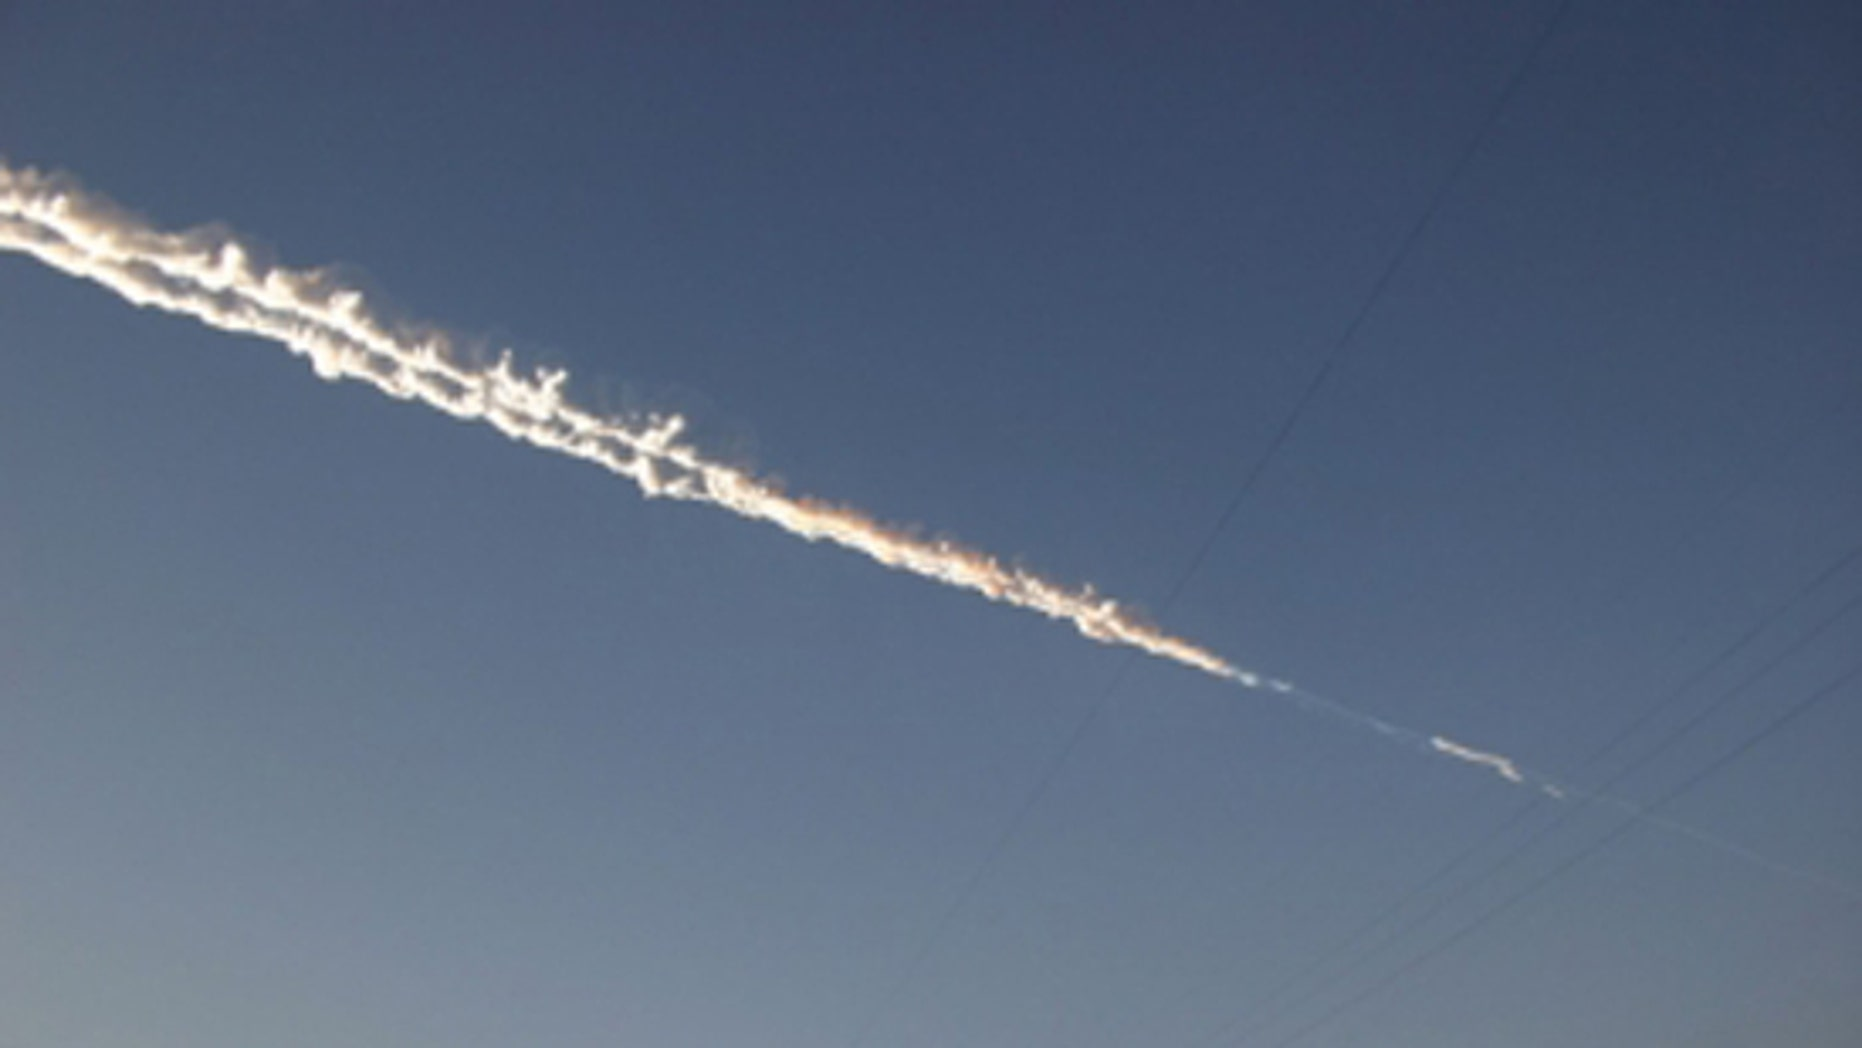 Meteor Trail Over Russia: Feb. 15